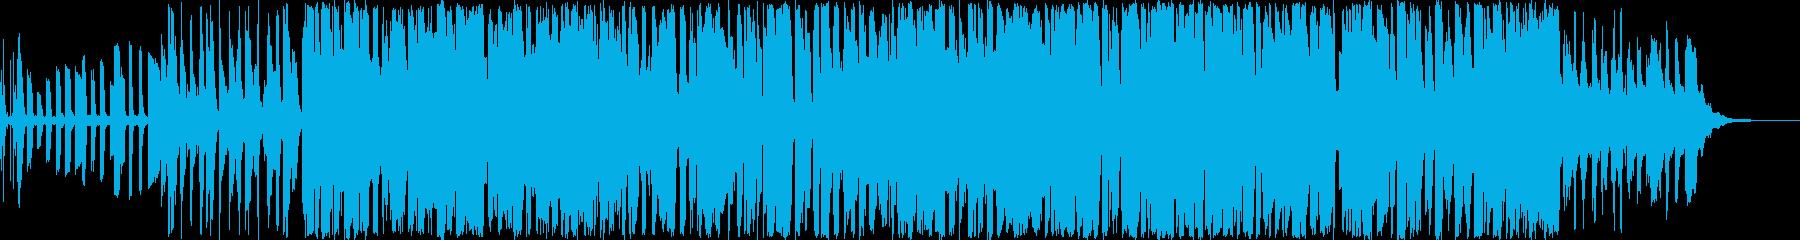 ジャズ 感情的 お洒落 ハイテク ...の再生済みの波形